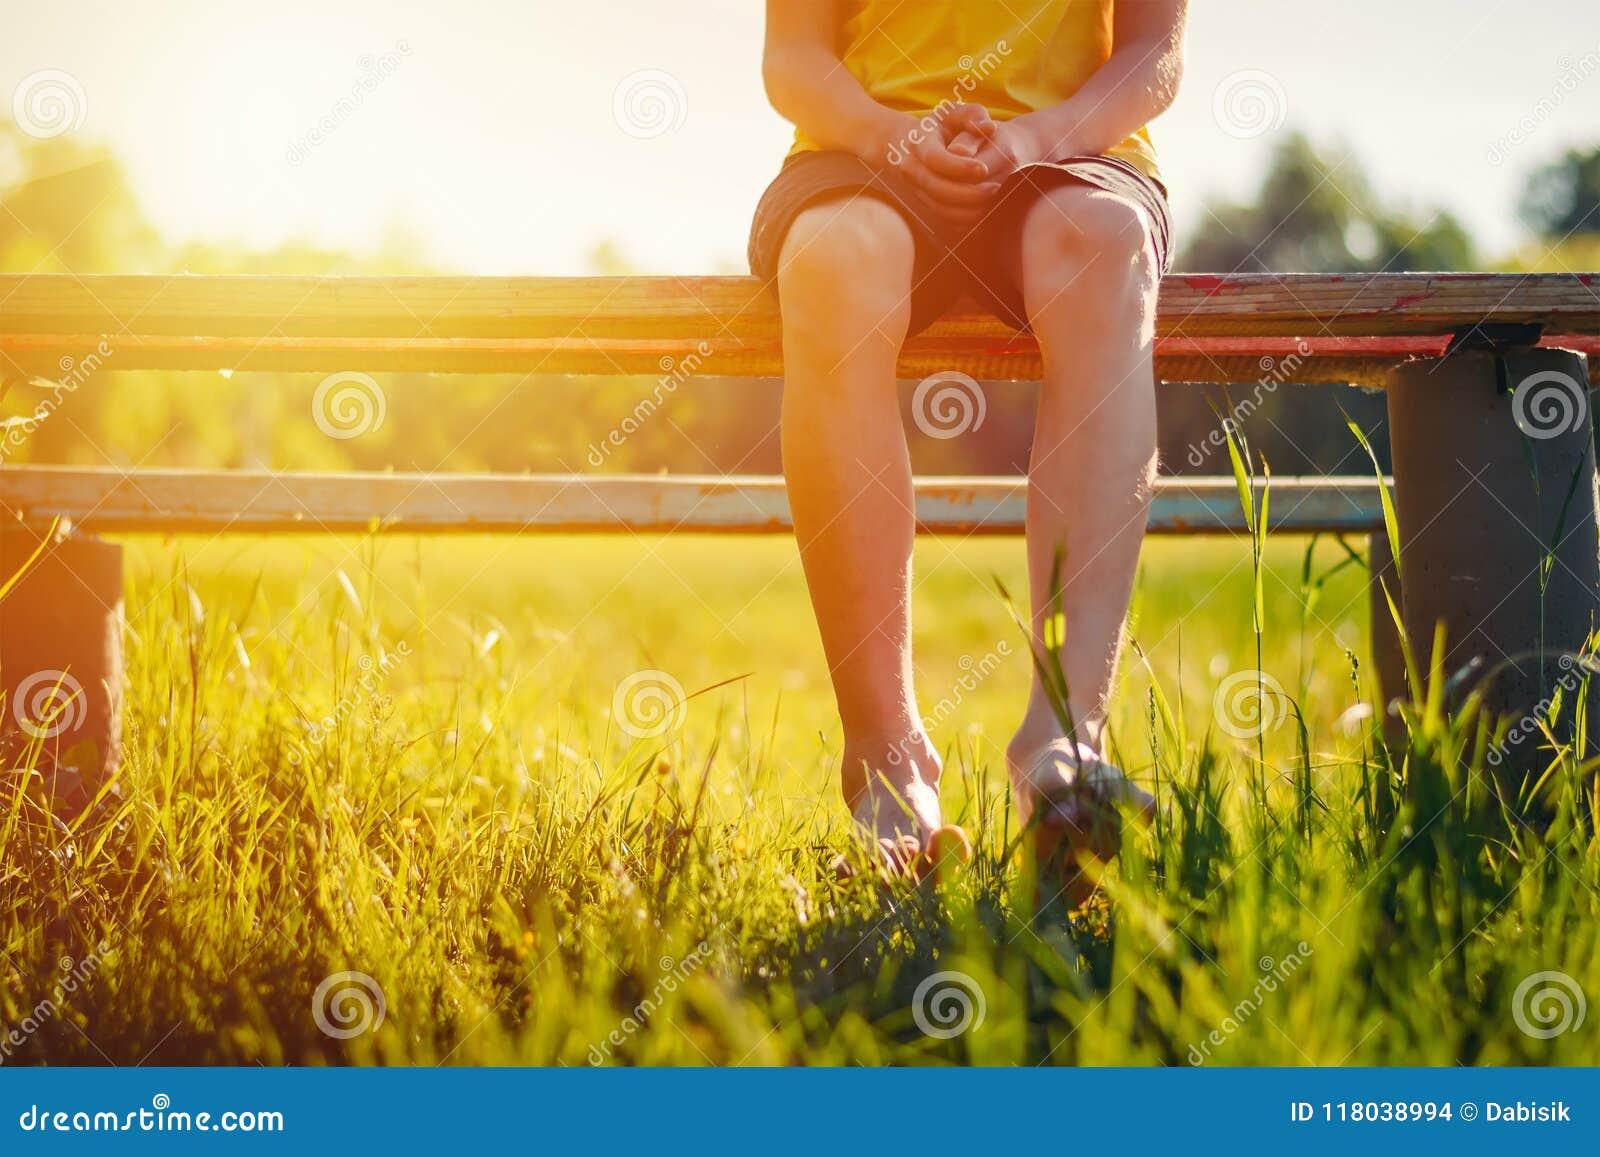 Den kala foten av en pojke hänger ner från en bänk